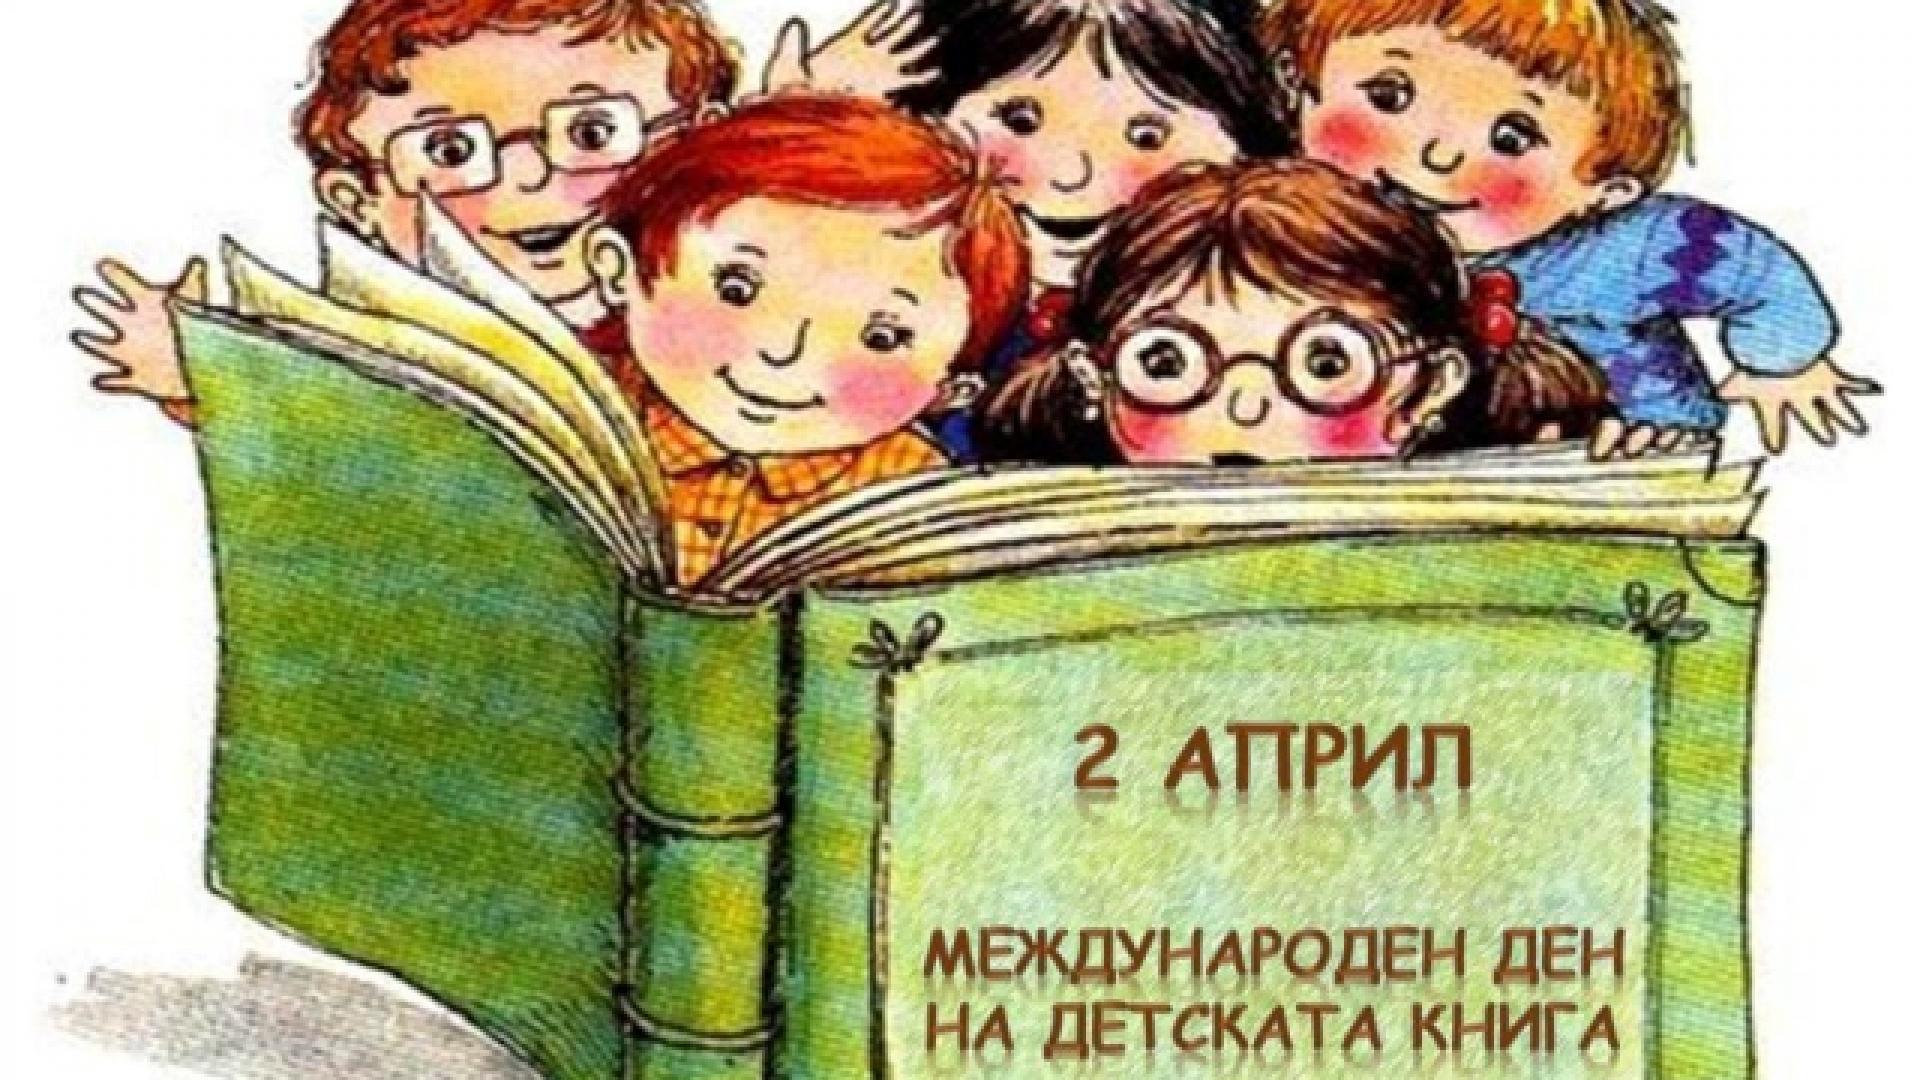 Днес е Международният ден на детската книга